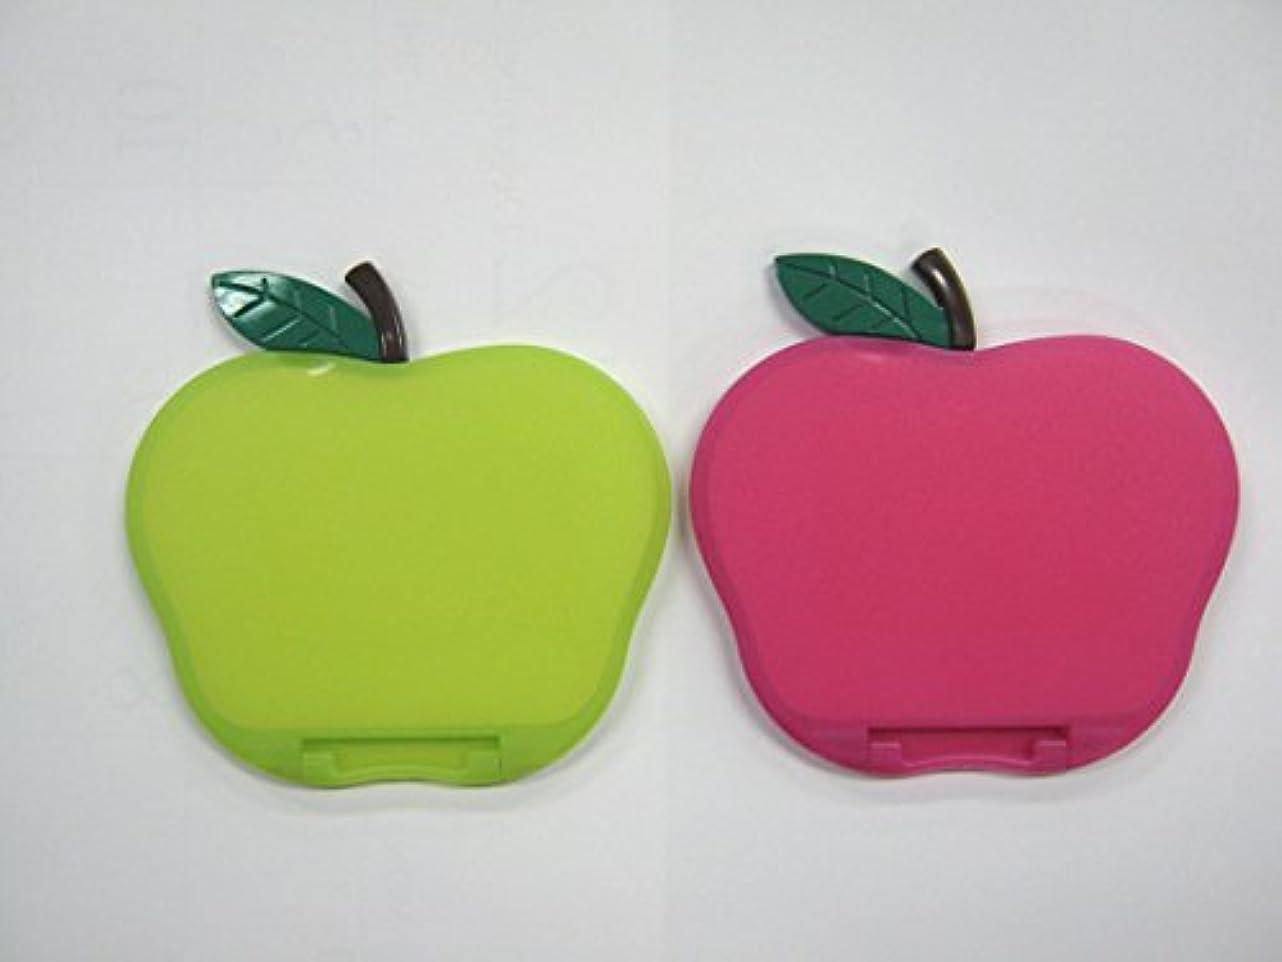 起業家変な菊リンゴ型コンパクトミラー カラー:ピンク、グリーン AP580 (グリーン)